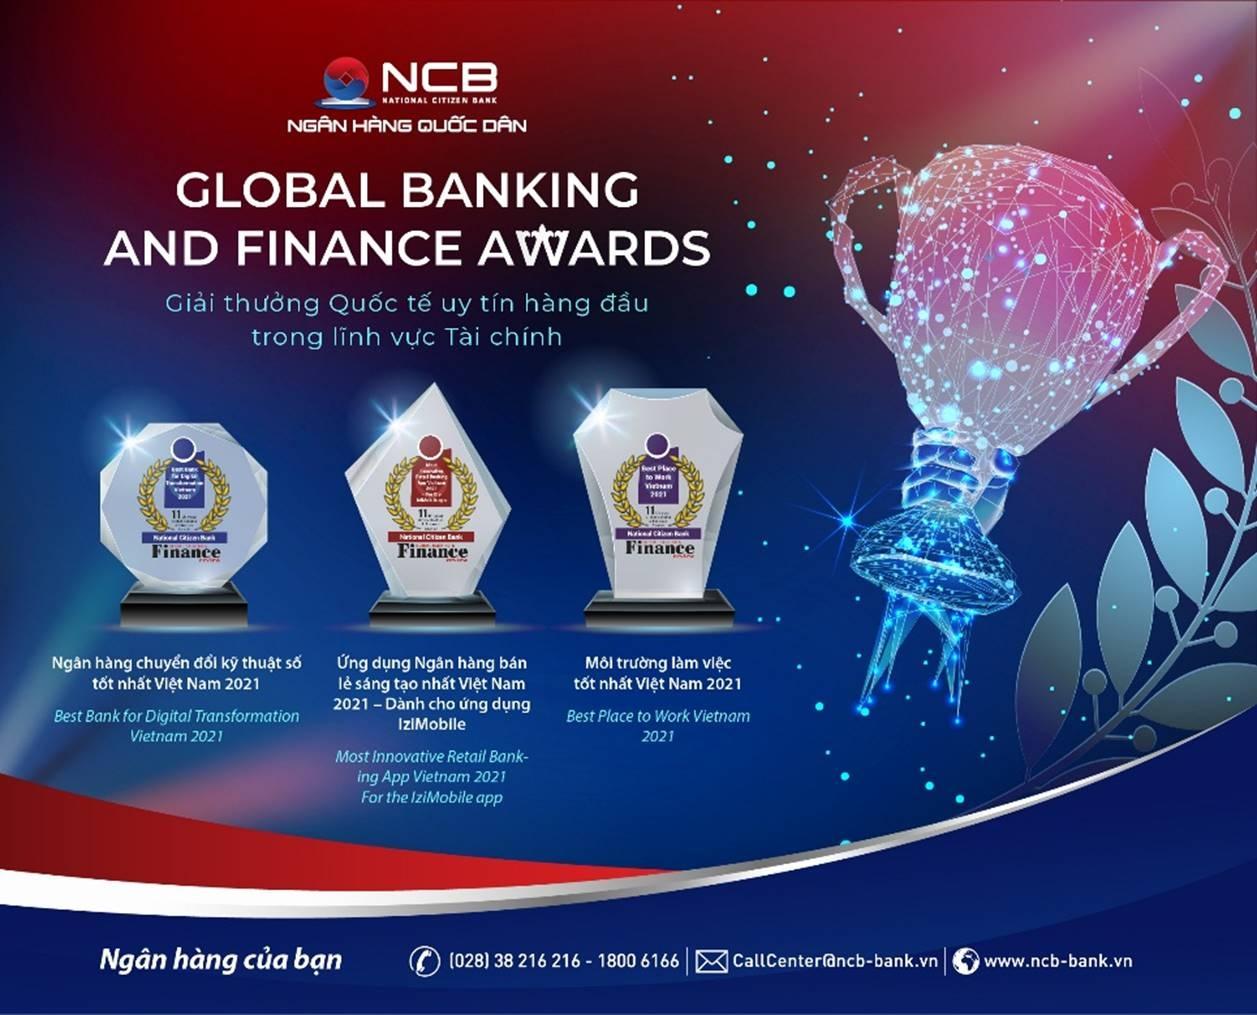 ncb nhan 3 giai thuong quoc te tai global banking finance awards